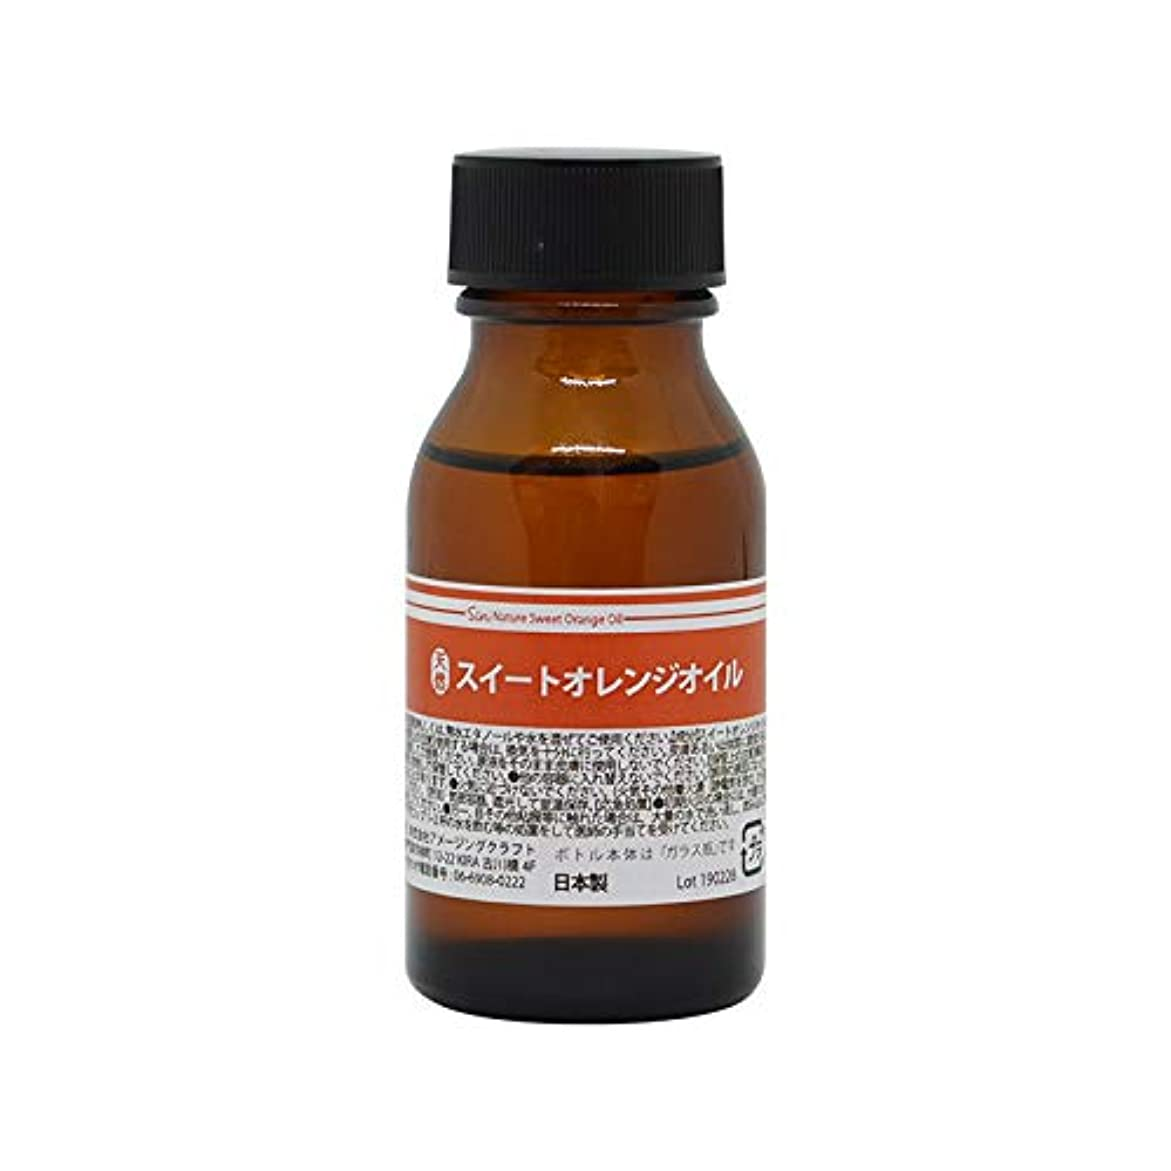 予防接種アプライアンス経験天然100% スイートオレンジオイル 50ml (オレンジスイート) エッセンシャルオイル